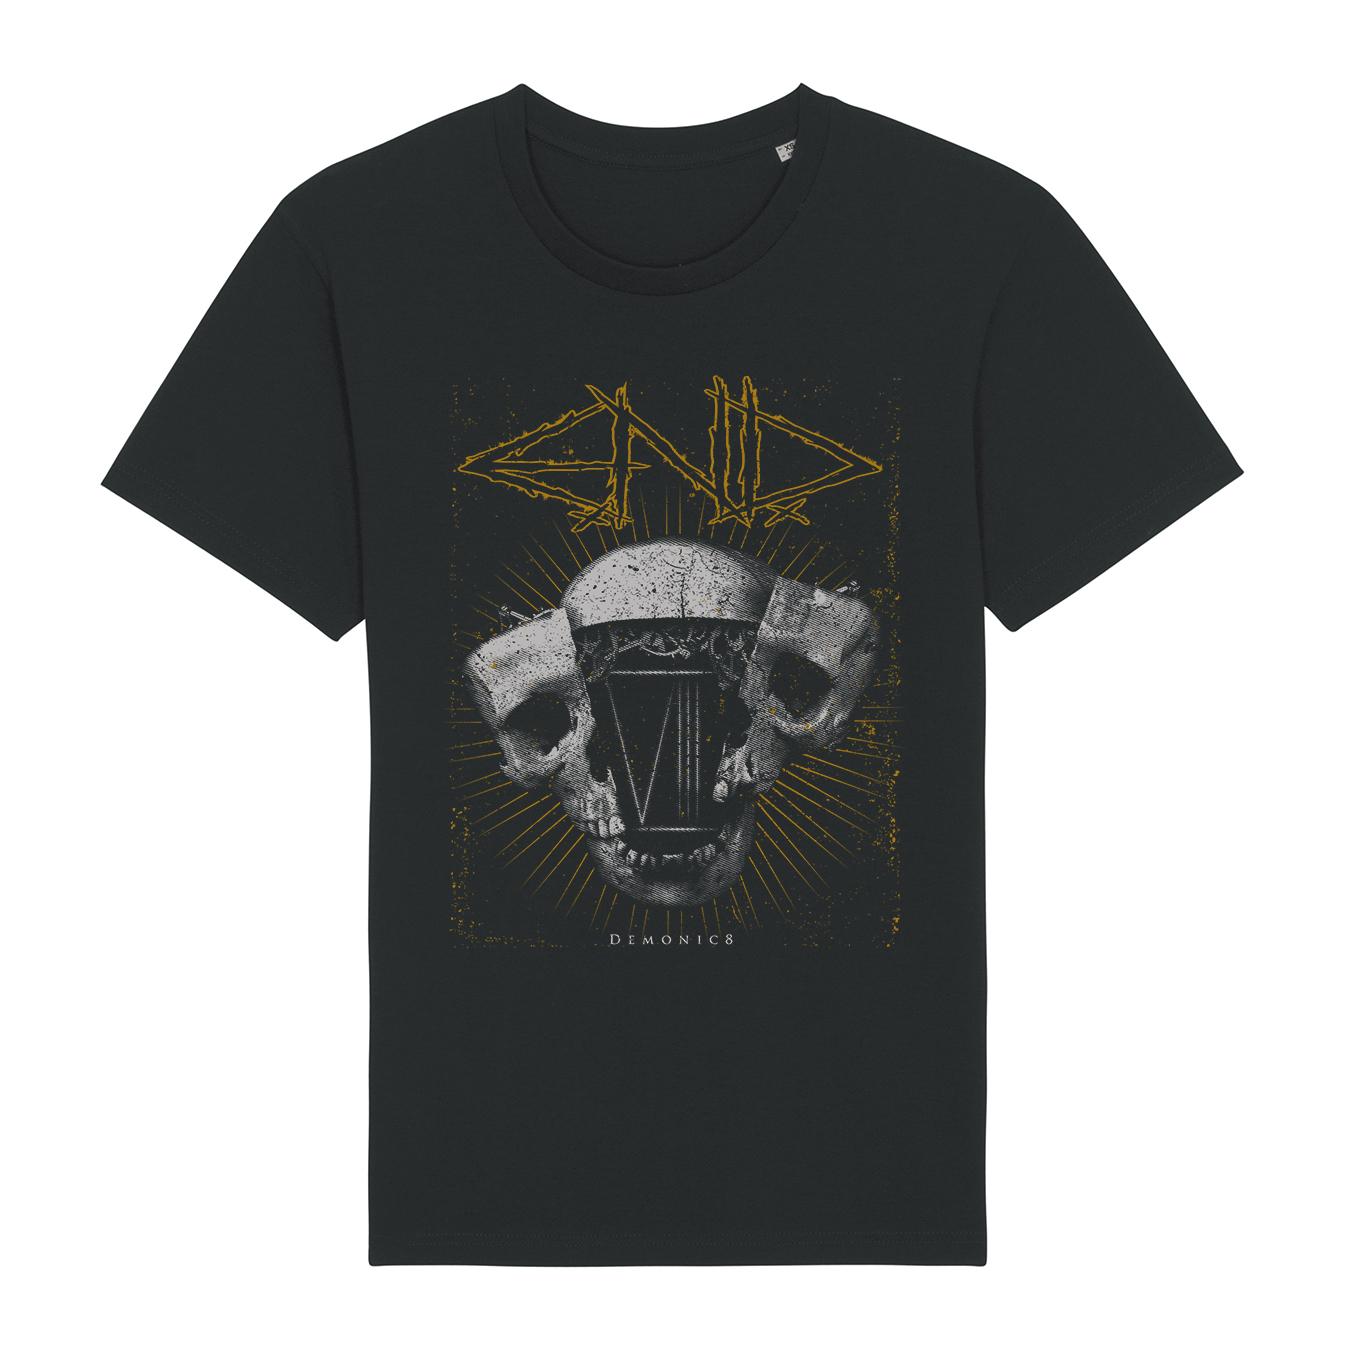 E.N.D. - Demonic8 - T-Shirt